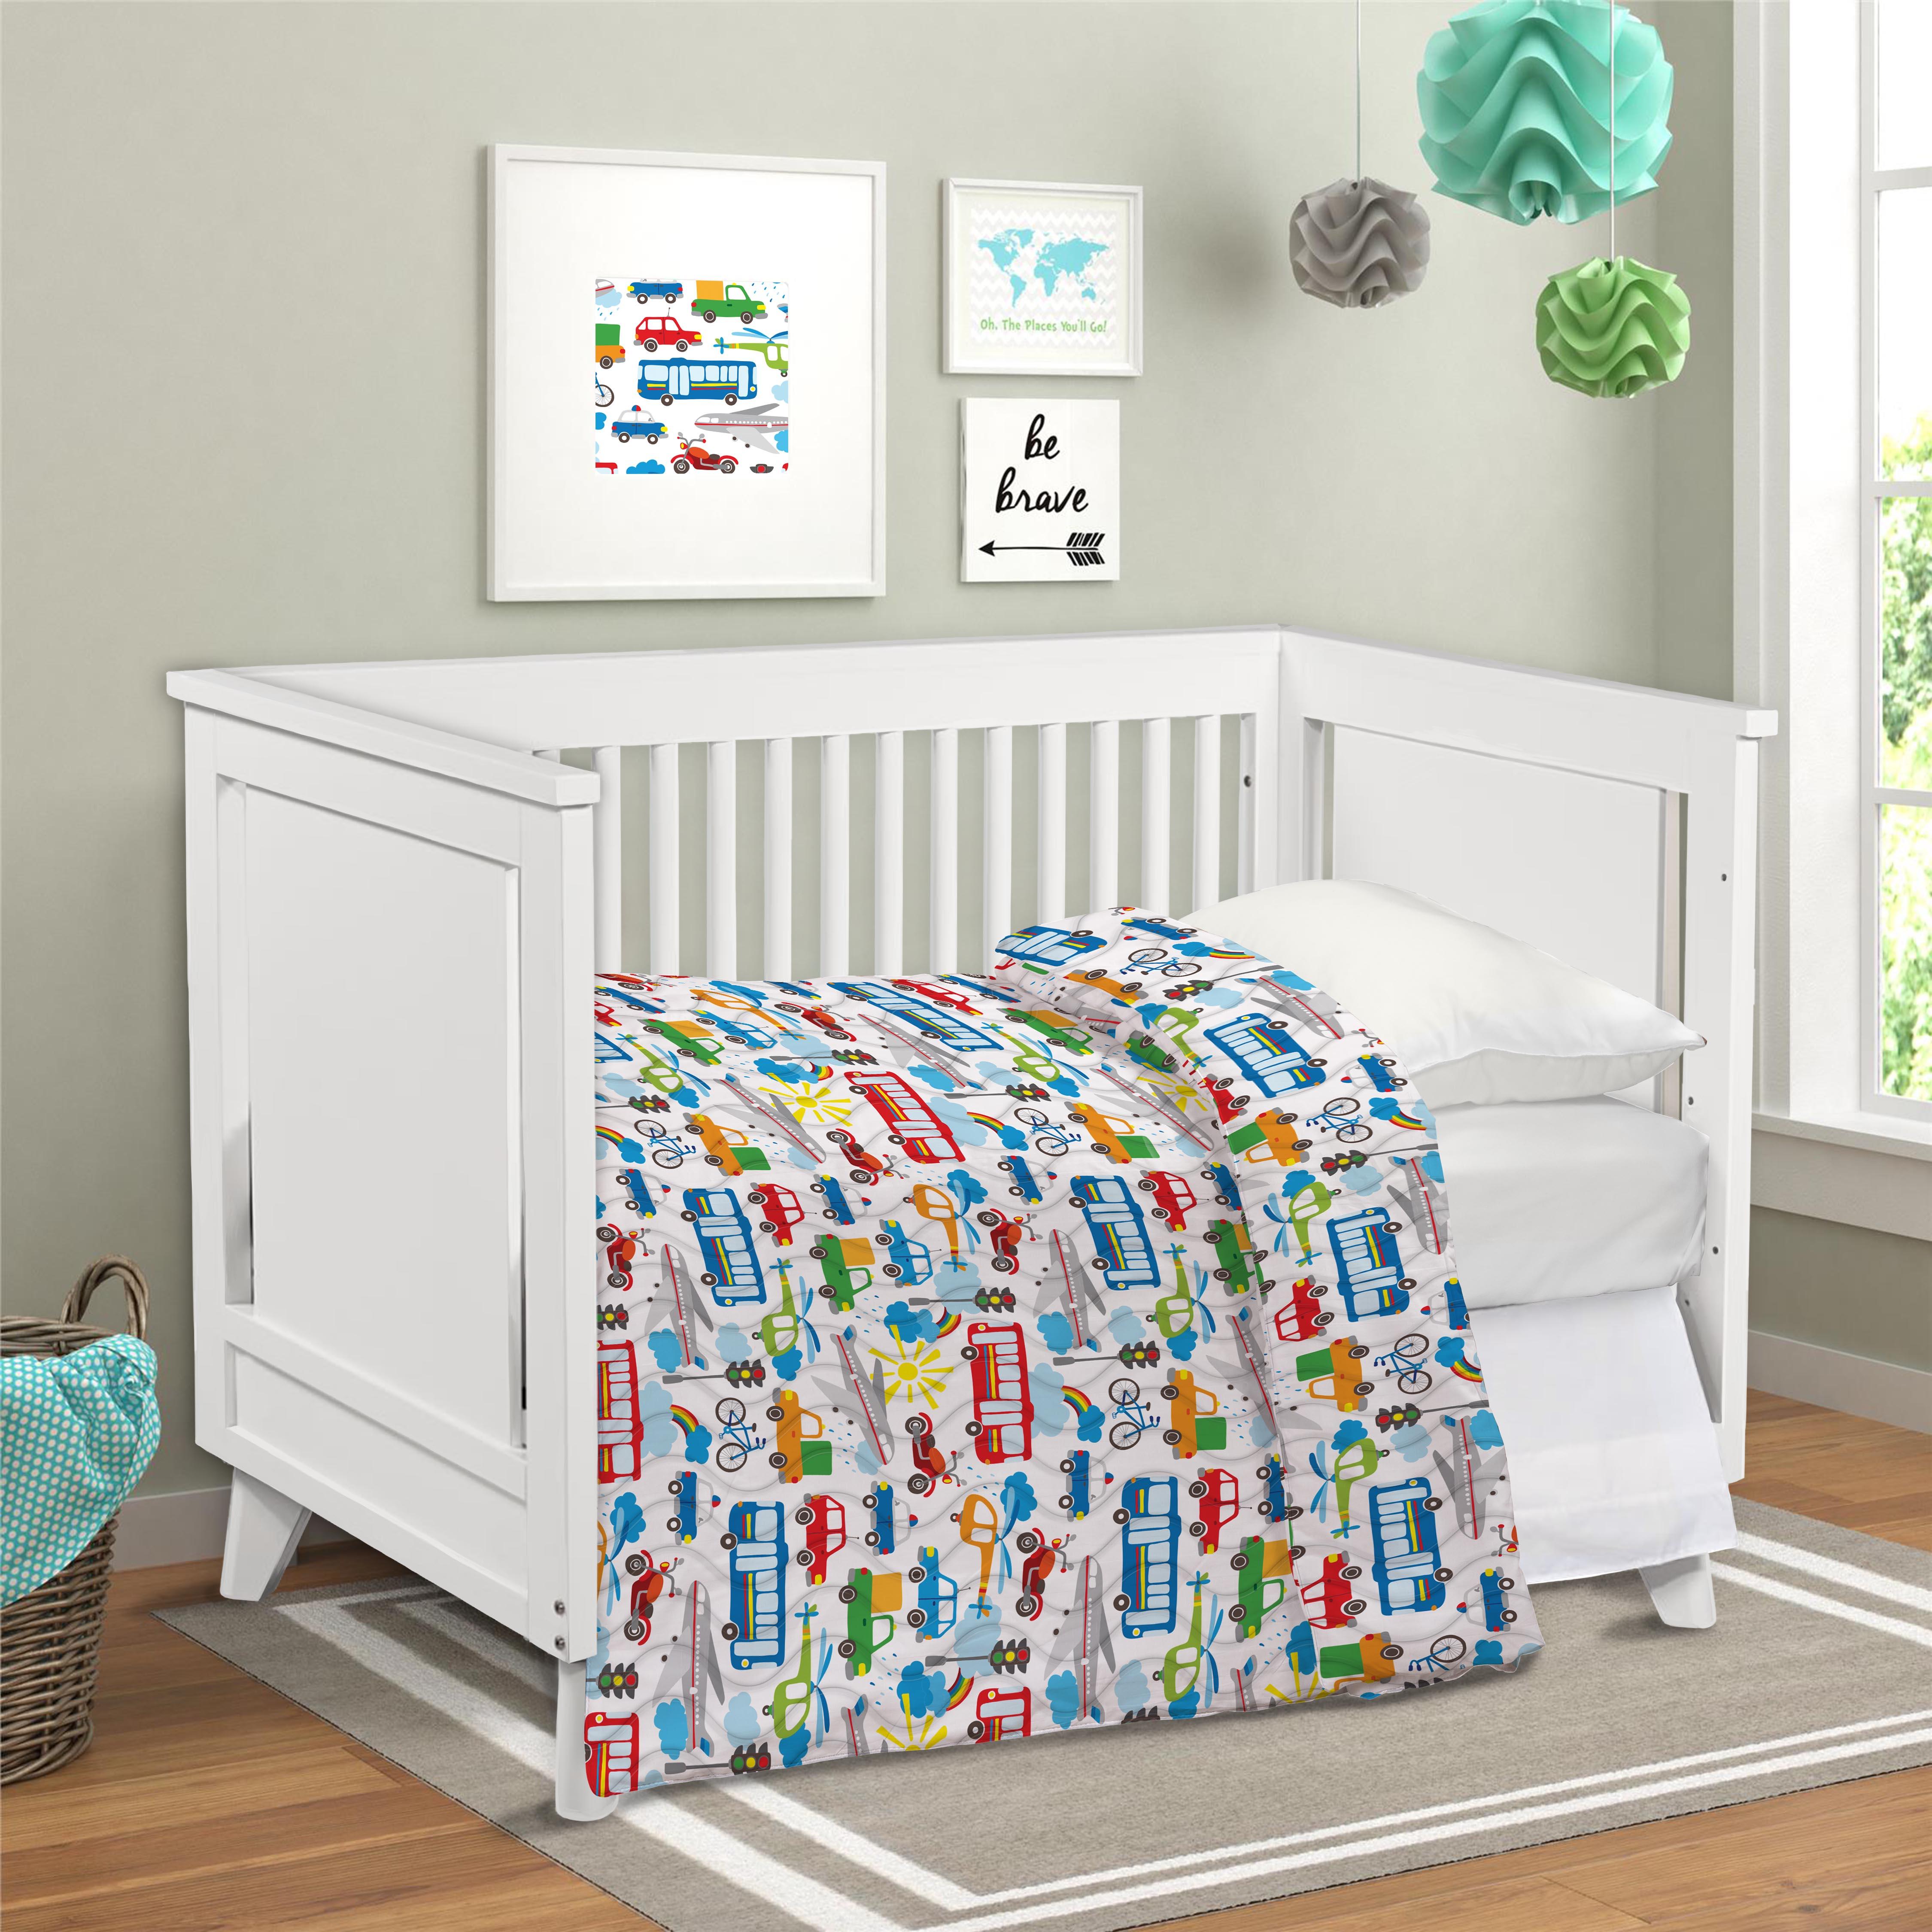 Купить со скидкой Покрывала, подушки, одеяла для малышей Непоседа